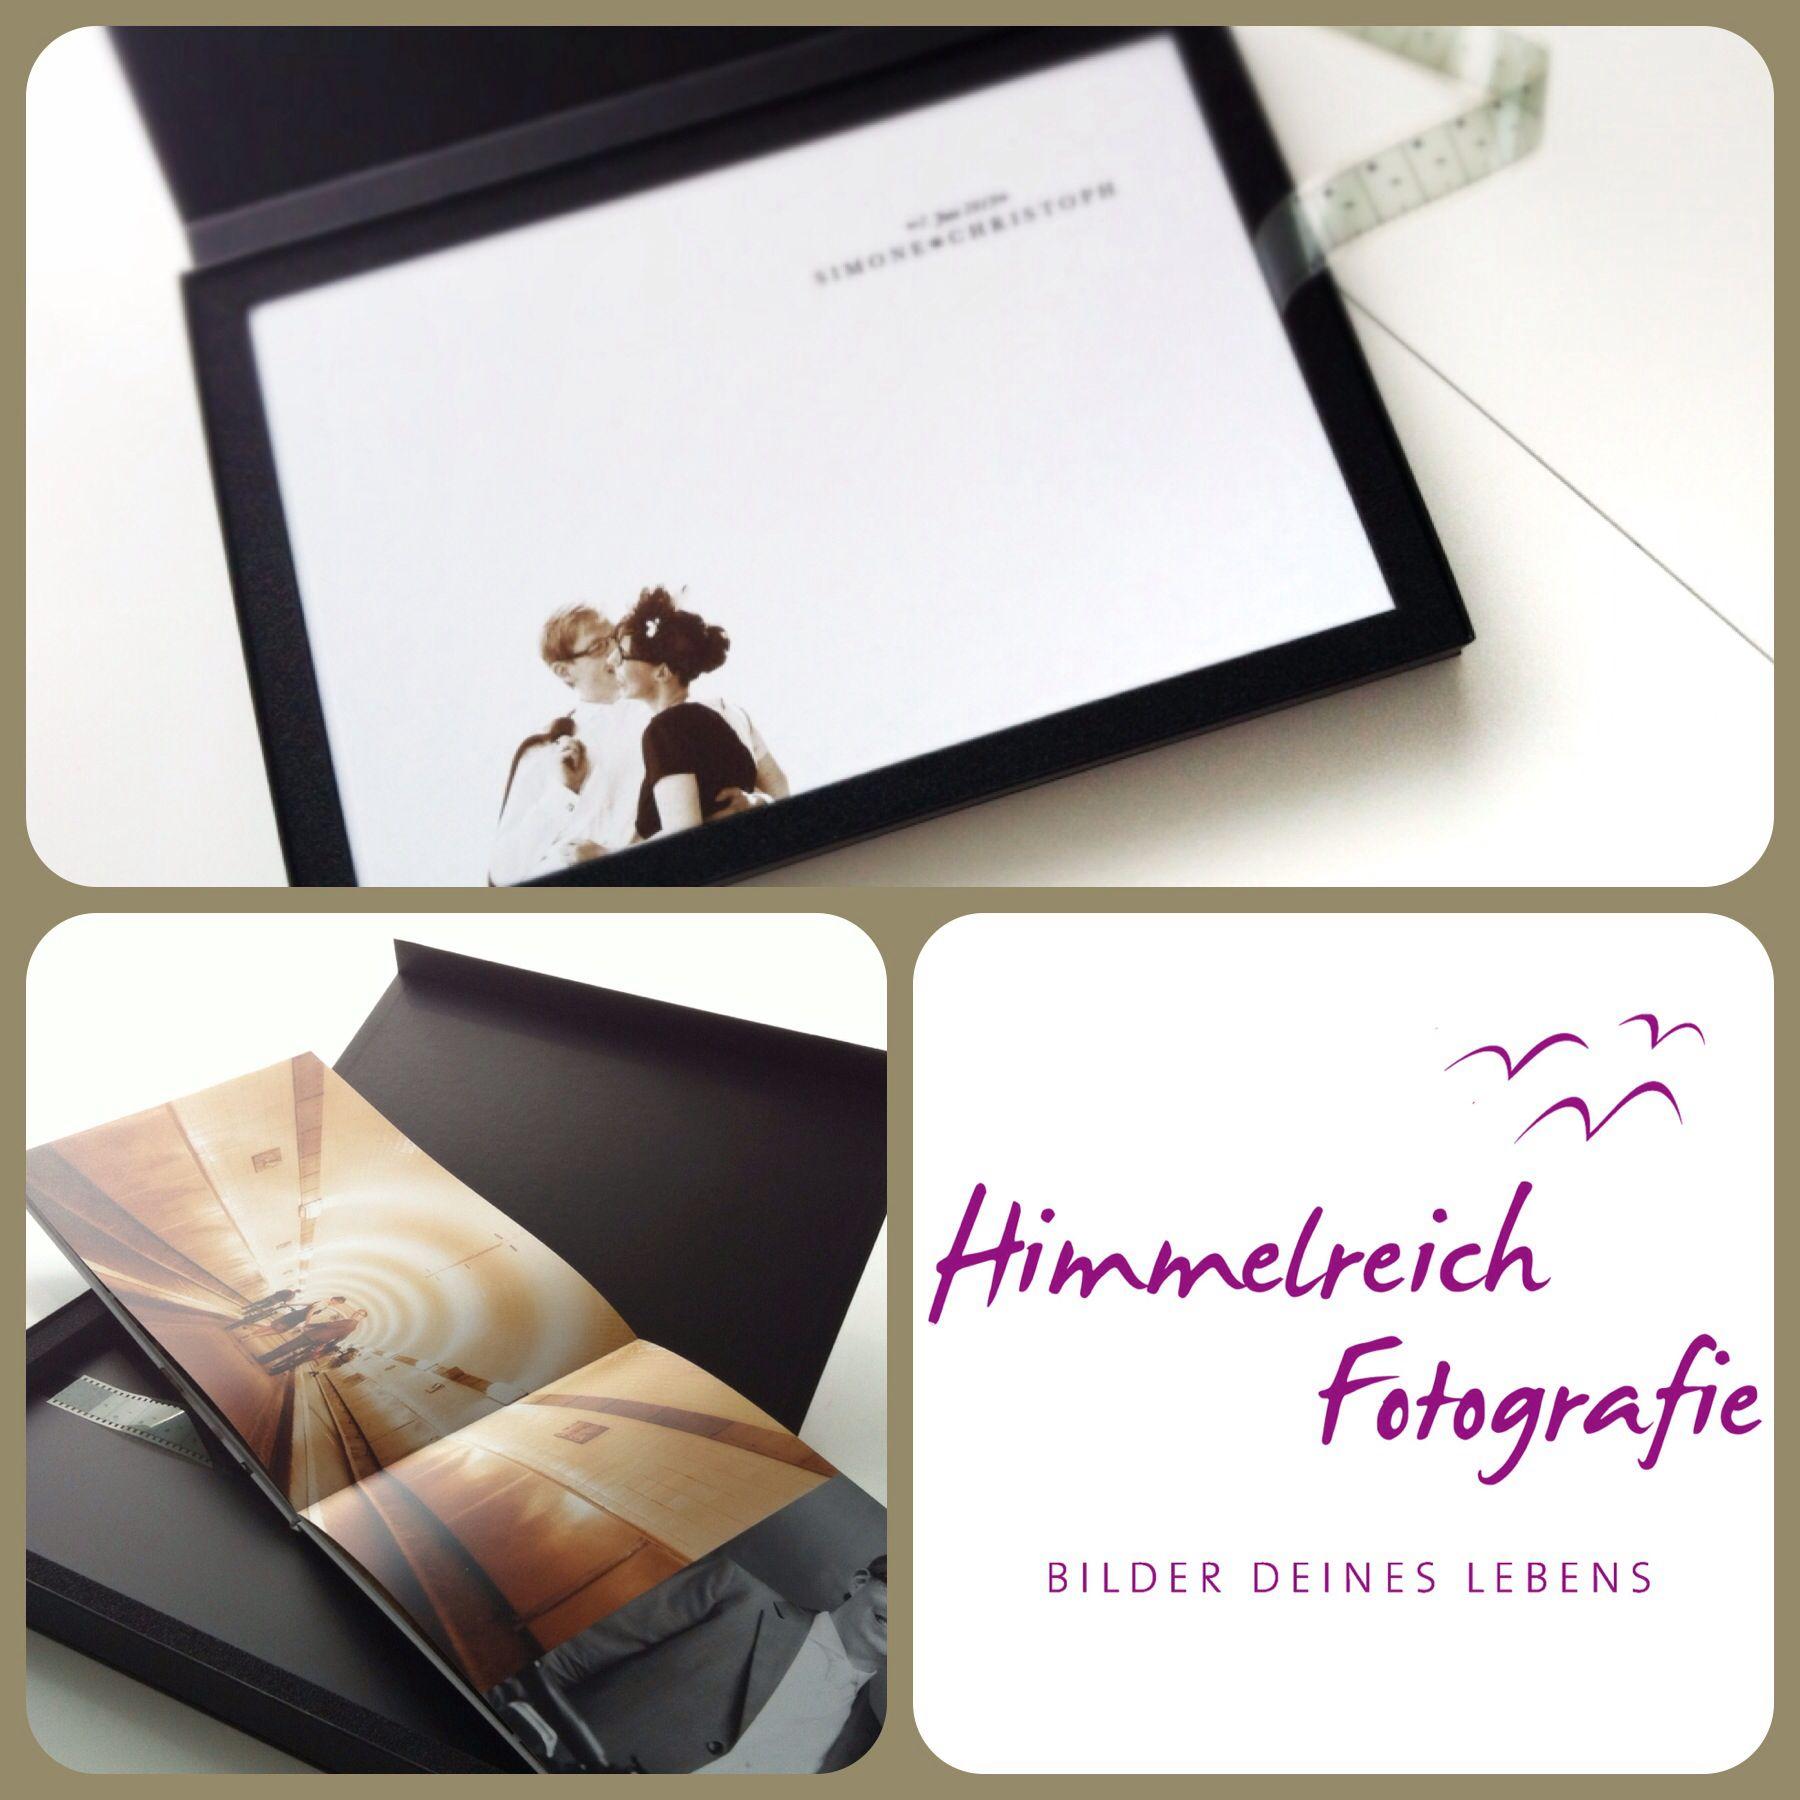 Hochzeitsalbum Hochzeitsfotografie Fotograf Hamburg Hochzeitsfotografin Wedding Book Fotoalbum